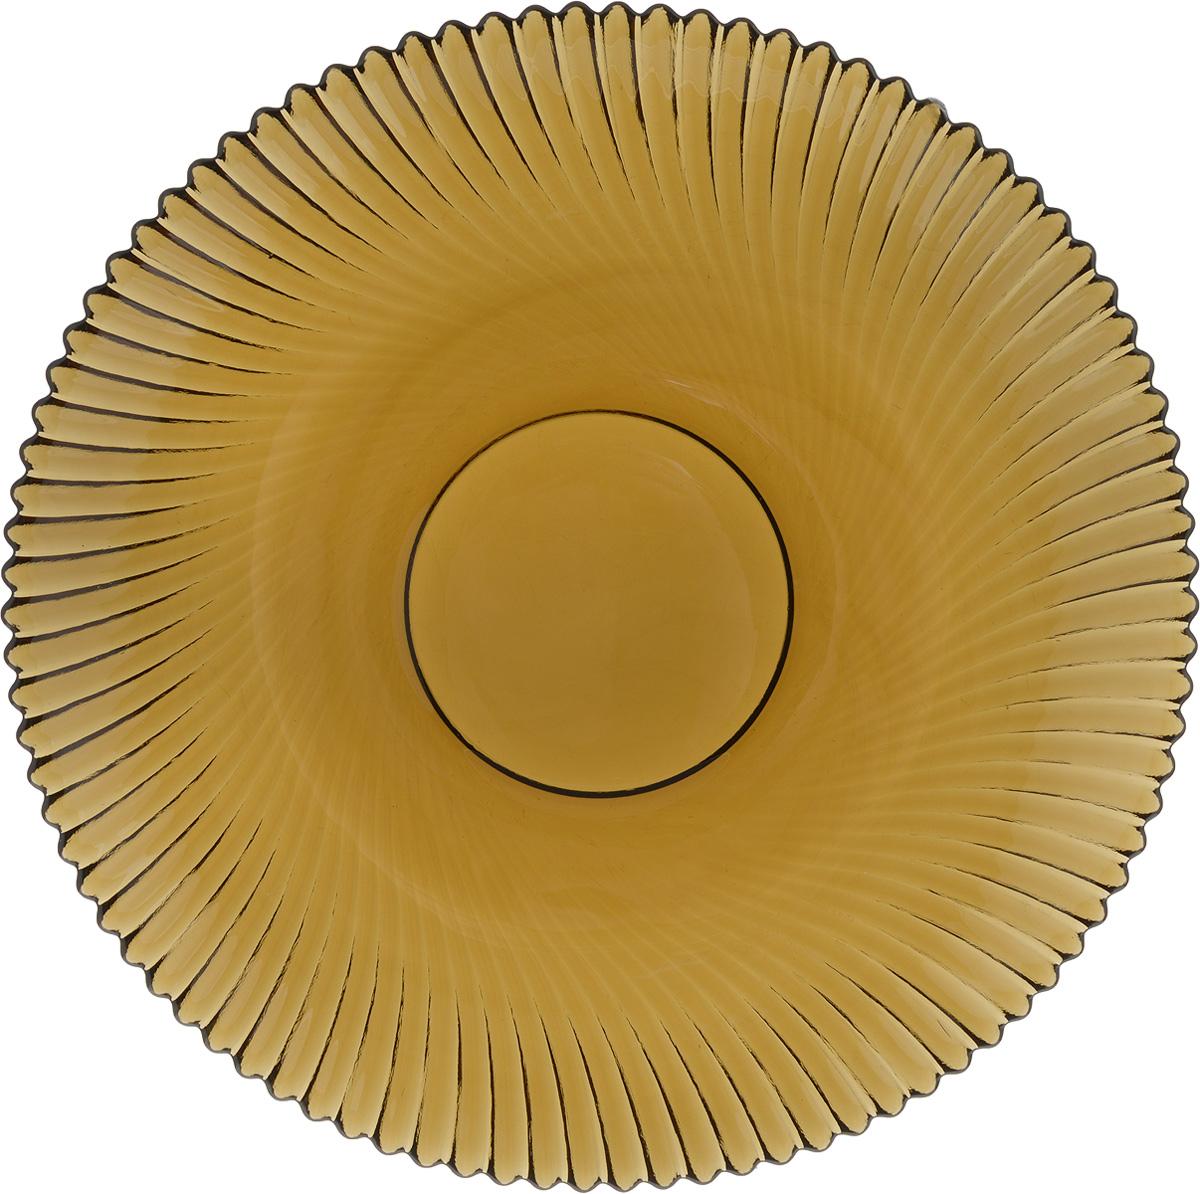 Тарелка NiNaGlass Альтера, цвет: дымчатый, диаметр 21 см115510Тарелка NiNaGlass Альтера выполнена из высококачественного стекла и оформлена красивым рельефным узором. Тарелка идеальна для подачи вторых блюд, а также сервировки закусок, нарезок, десертов и многого другого. Она отлично подойдет как для повседневных, так и для торжественных случаев.Такая тарелка прекрасно впишется в интерьер вашей кухни и станет достойным дополнением к кухонному инвентарю.